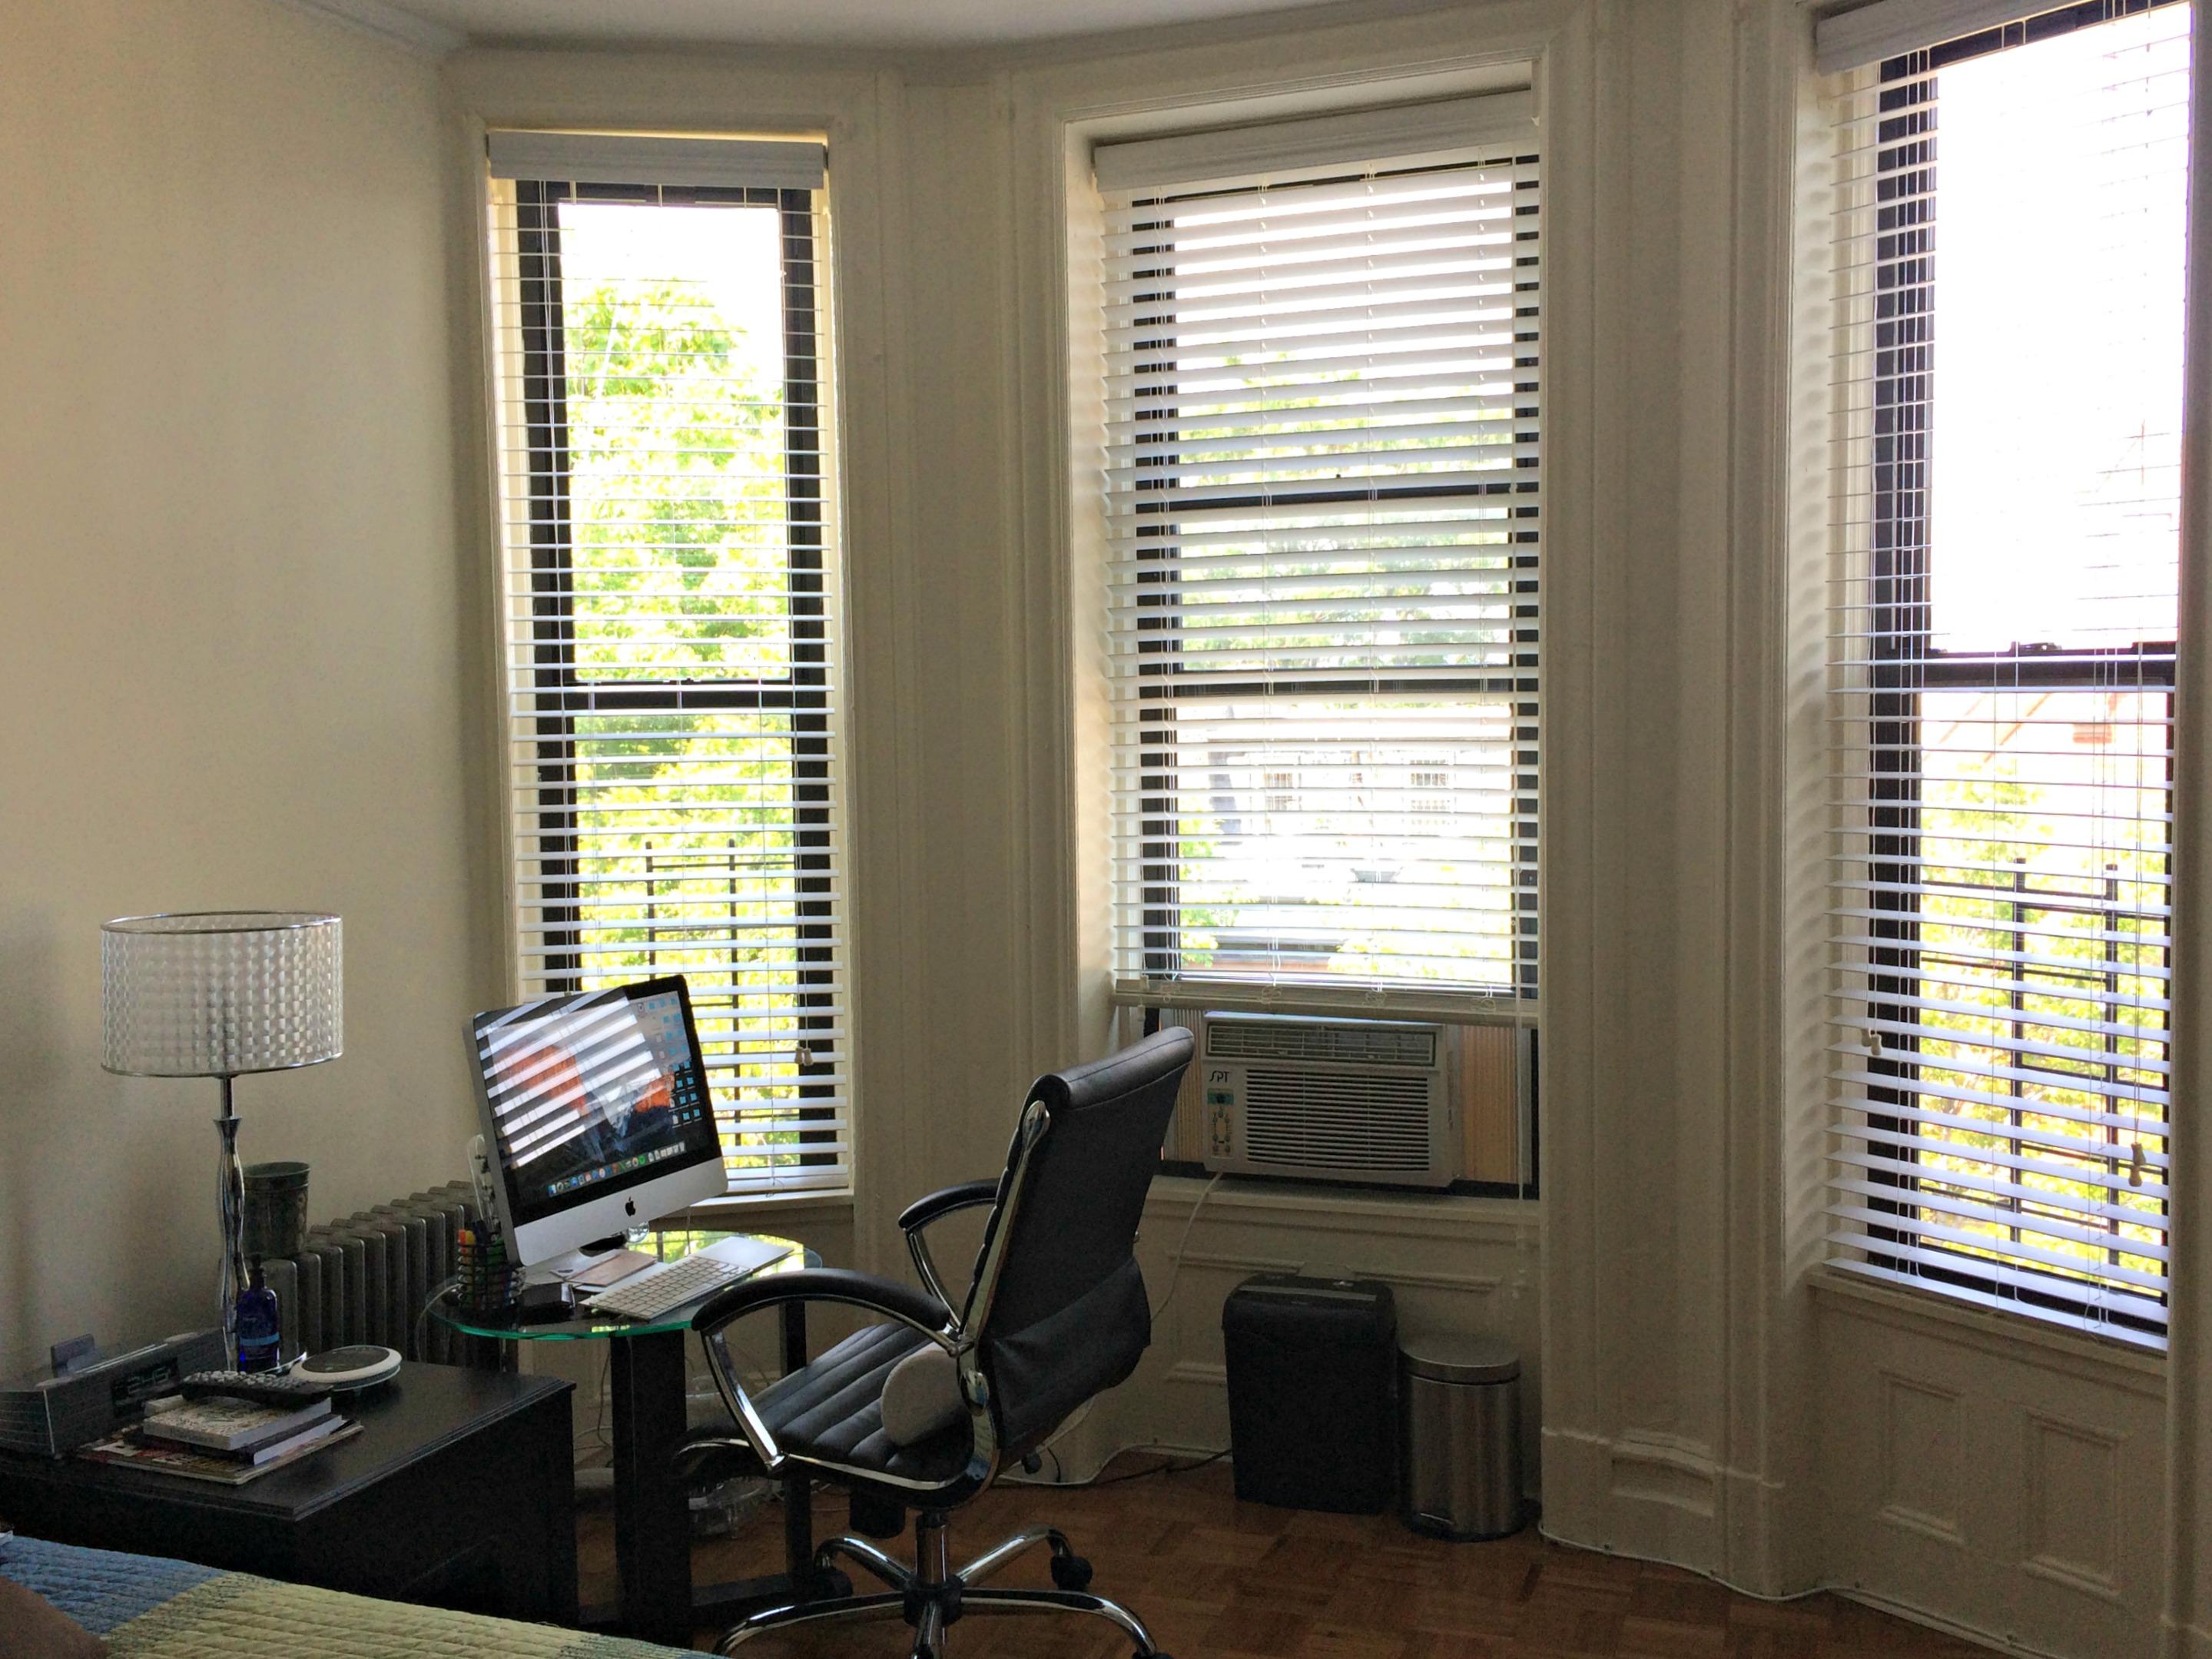 custom blinds in the bedroom